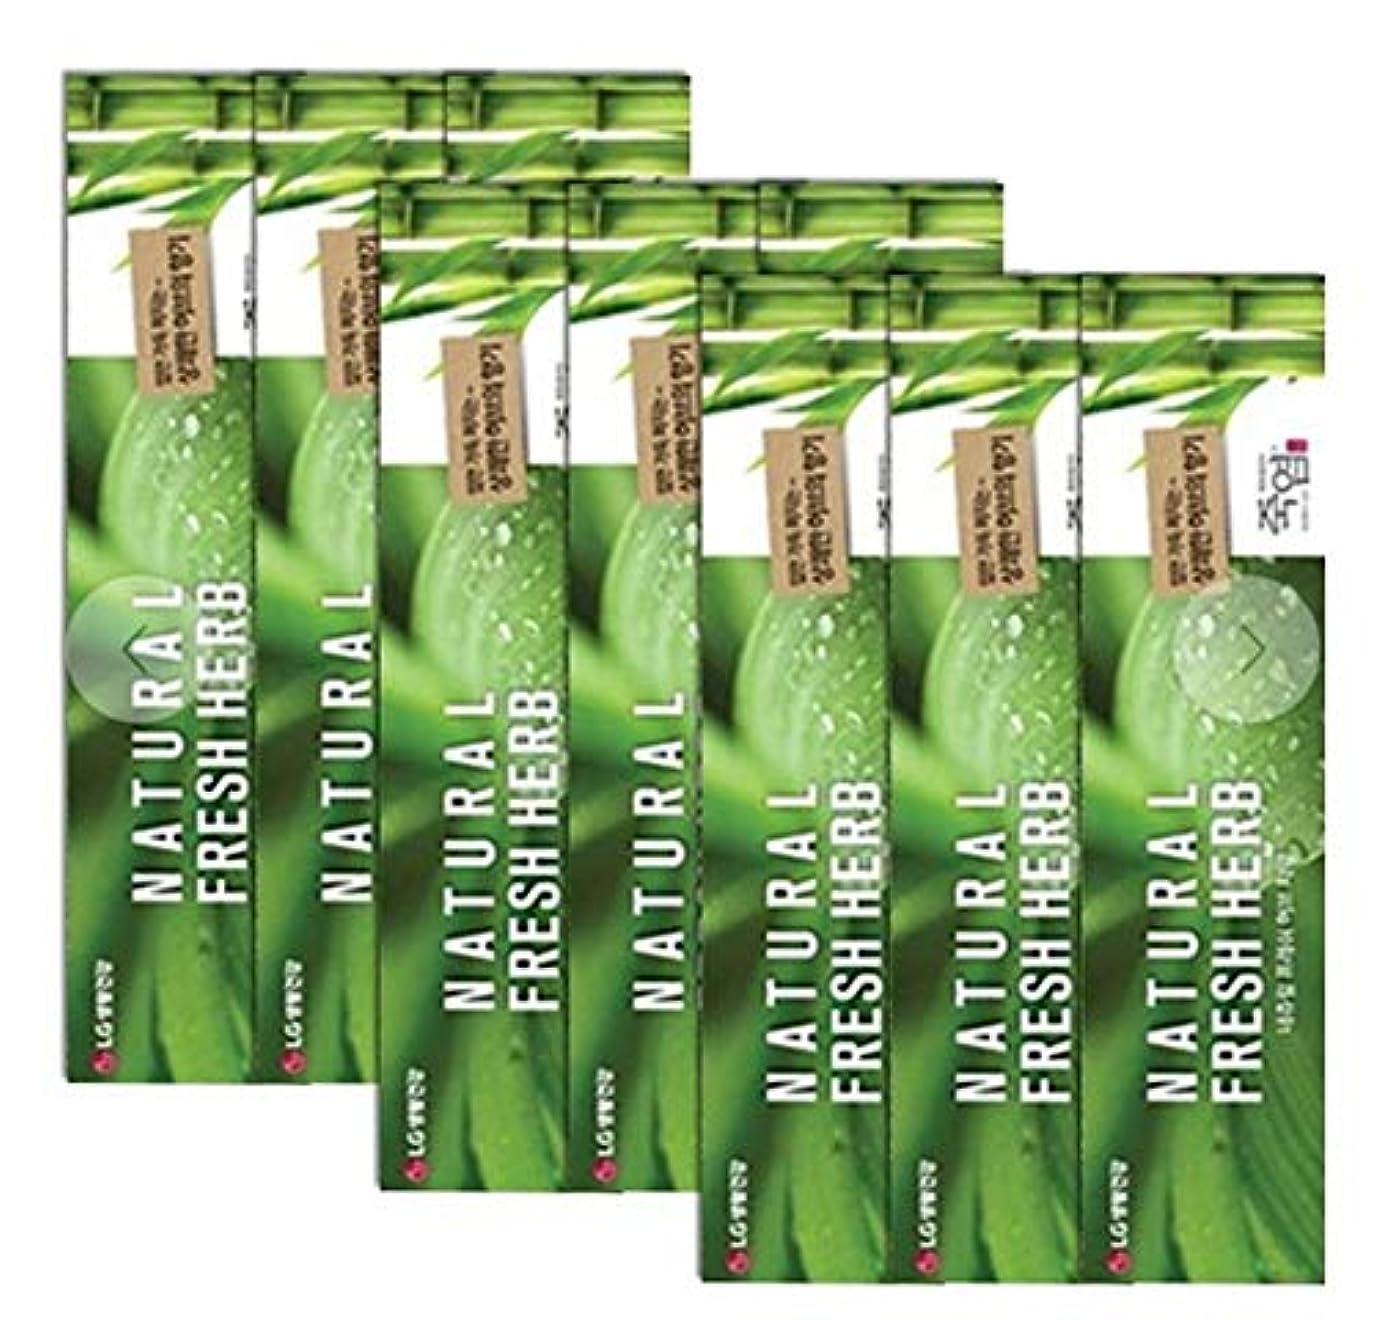 個人的な入植者おめでとう[LG生活と健康] LG竹塩Natural Freshナチュラルフレッシュハブ歯磨き粉160g*9つの(海外直送品)